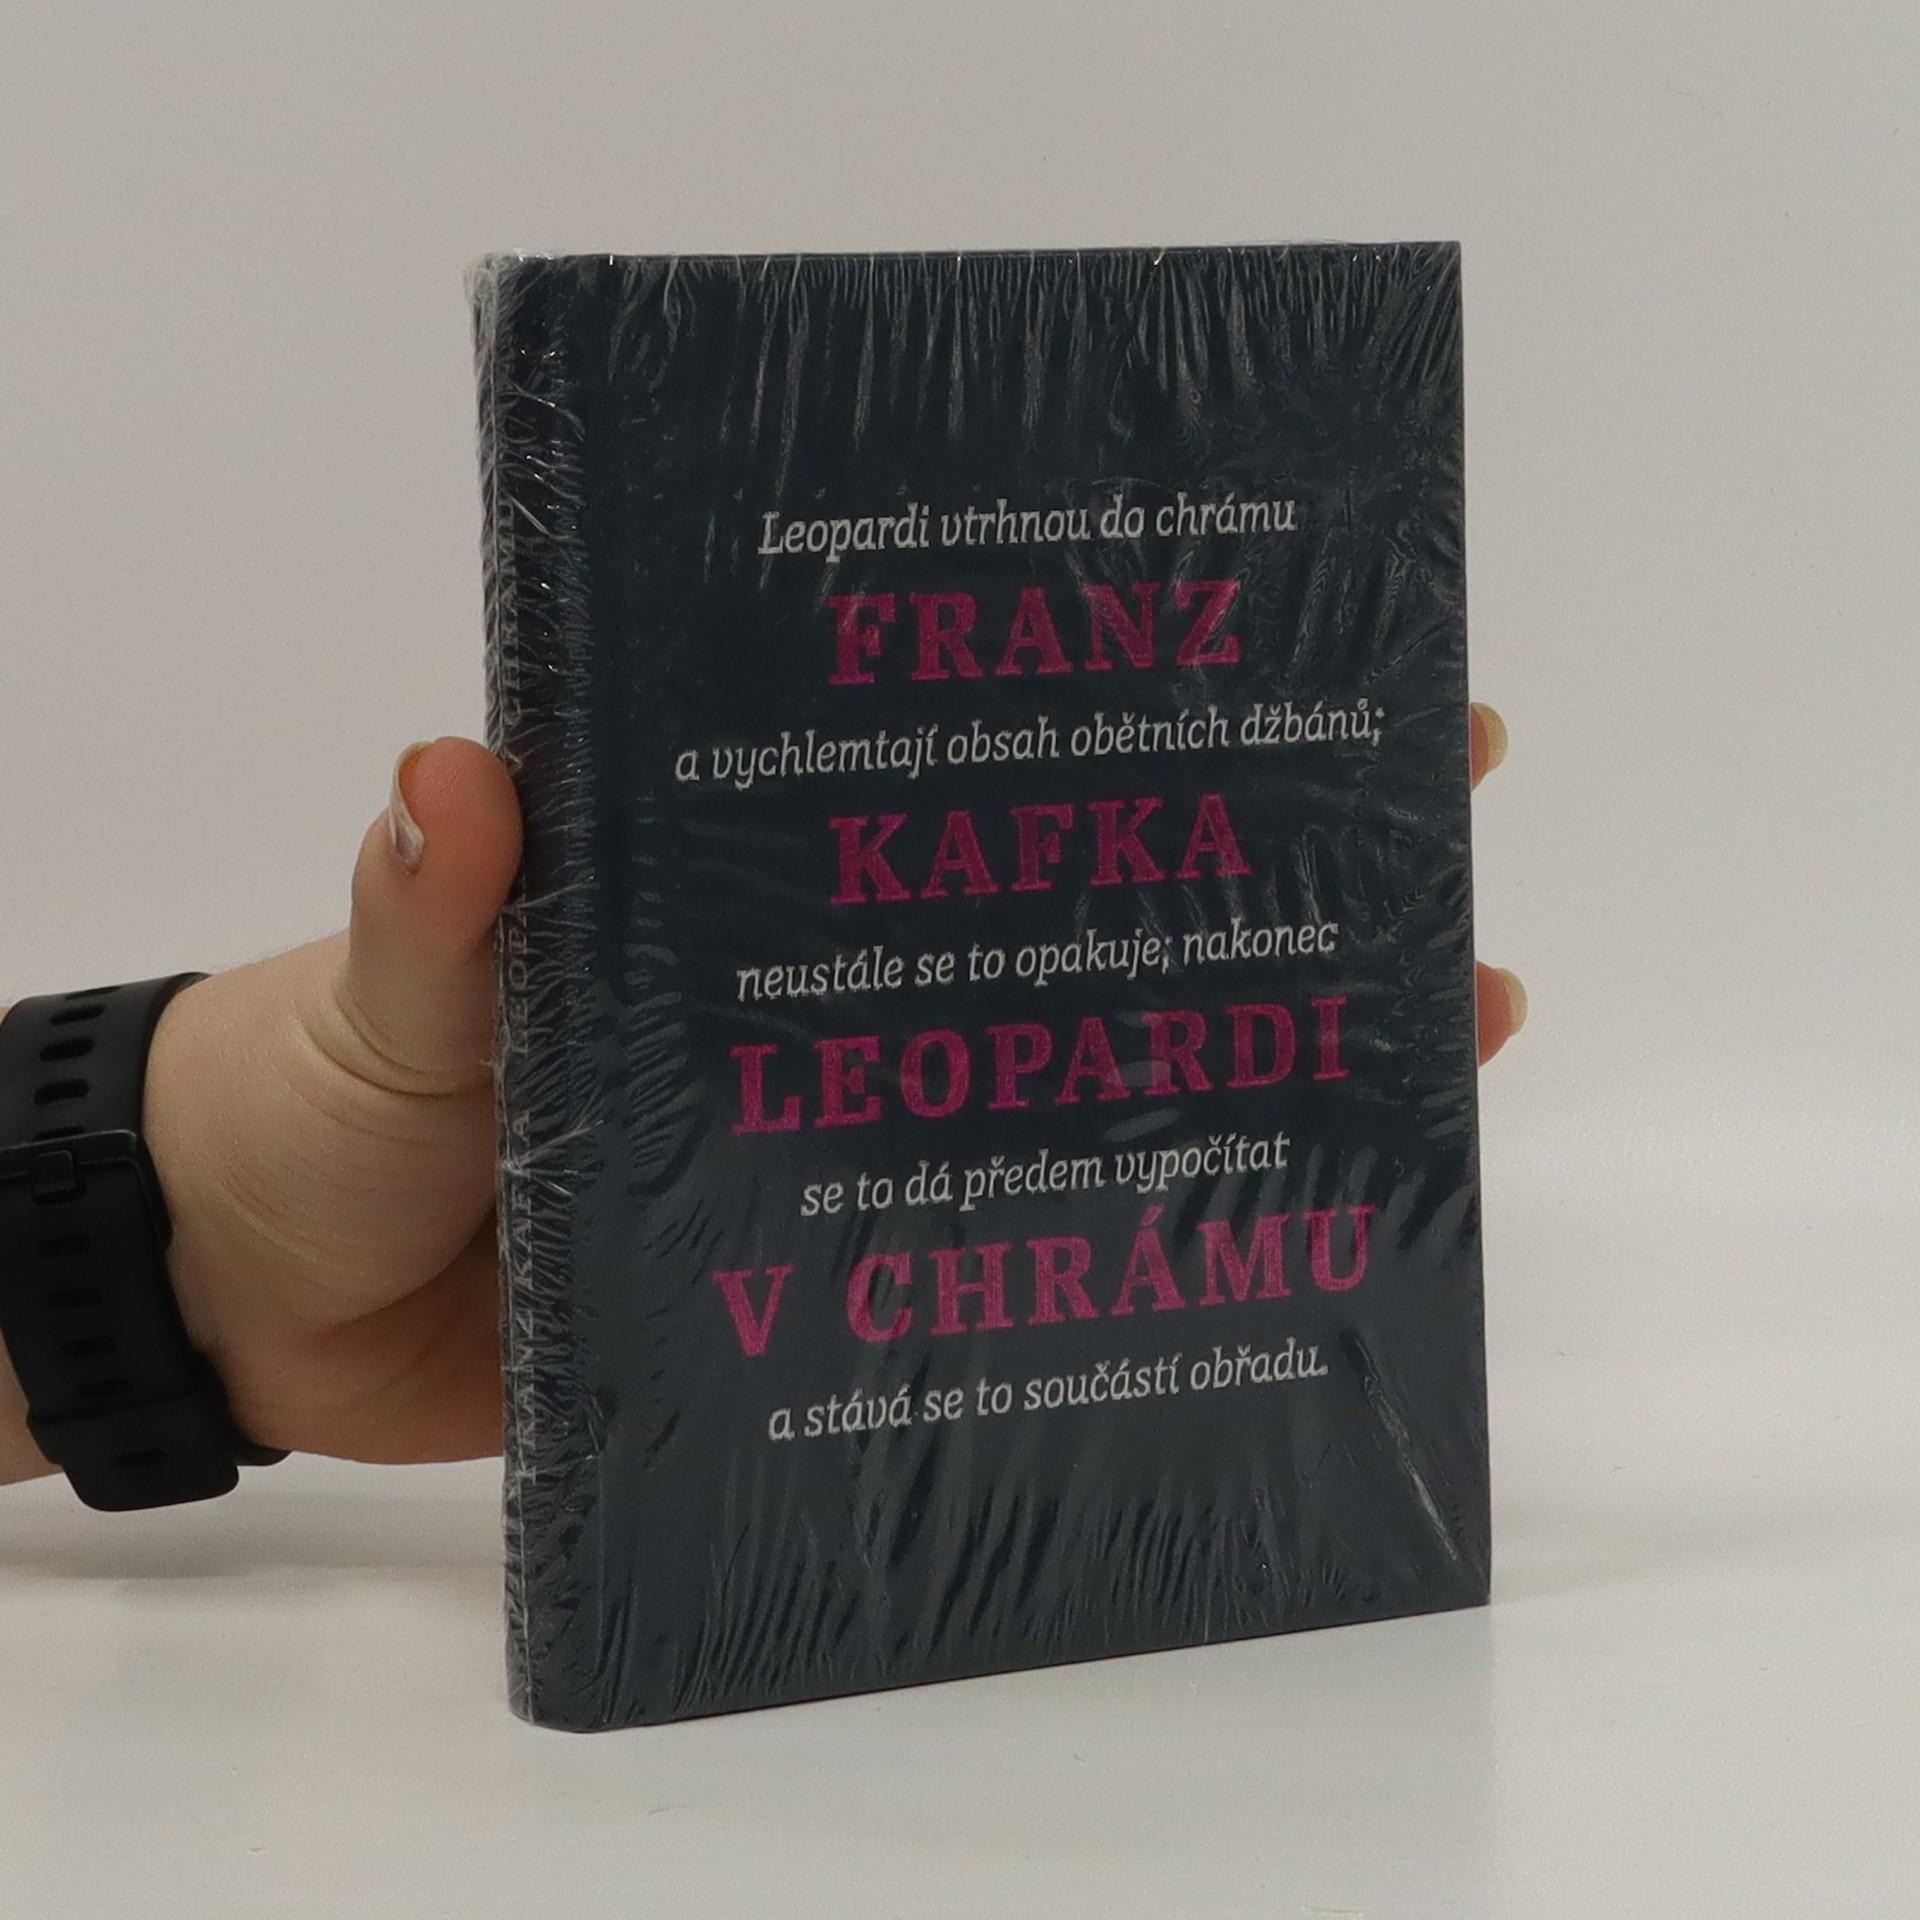 antikvární kniha Leopardi v chrámu : myšlenky o sobě i o jiném, 2013